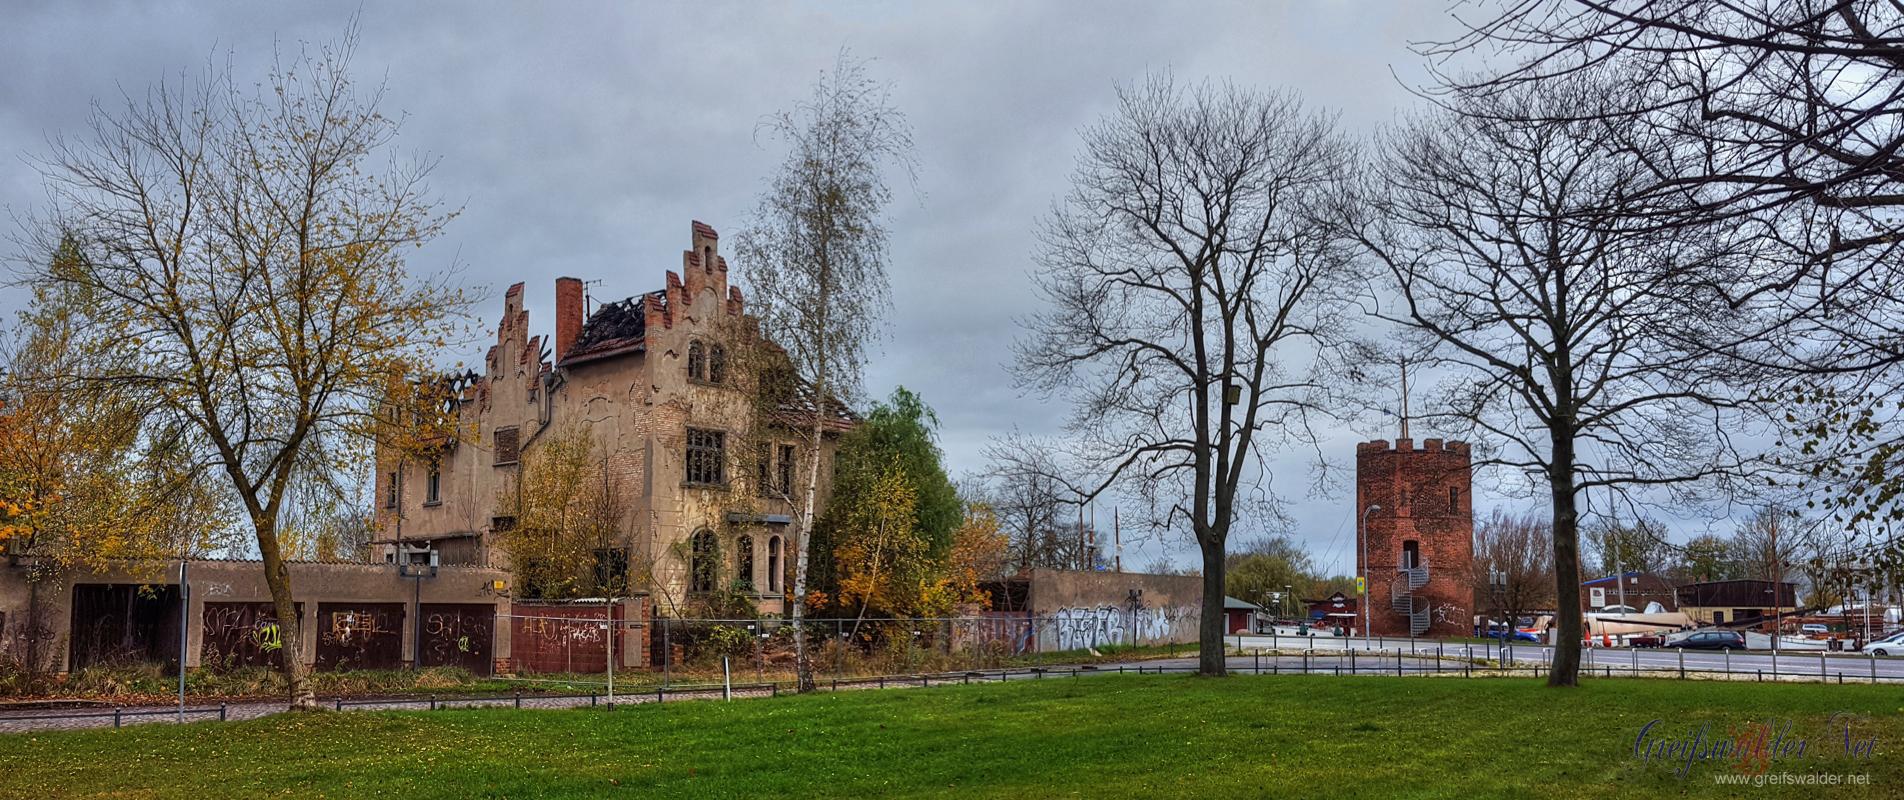 Ruine der abgebrannten Stadtvilla und Pulverturm in Greifswald